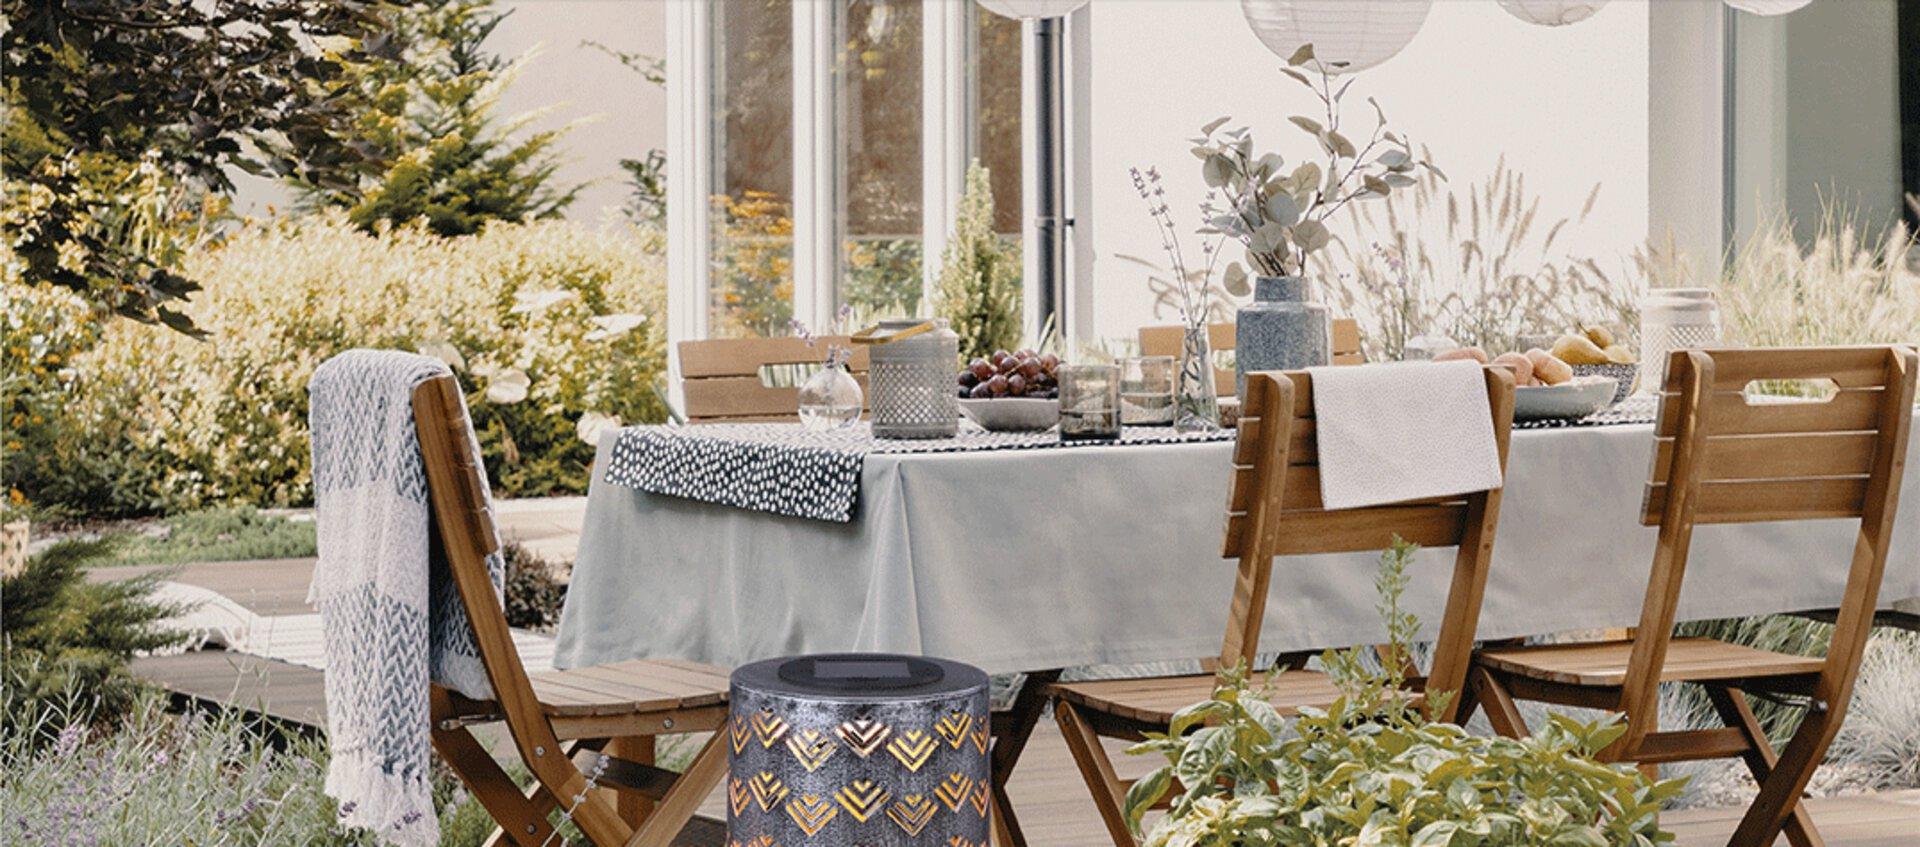 Ein romantisch gedeckter Tisch im Garten für einen lustigen Abend mit Freunden. Alles was Sie dazu benötigen finden Sie in der Outdoor und Gartenabteilung von Möbel Inhofer